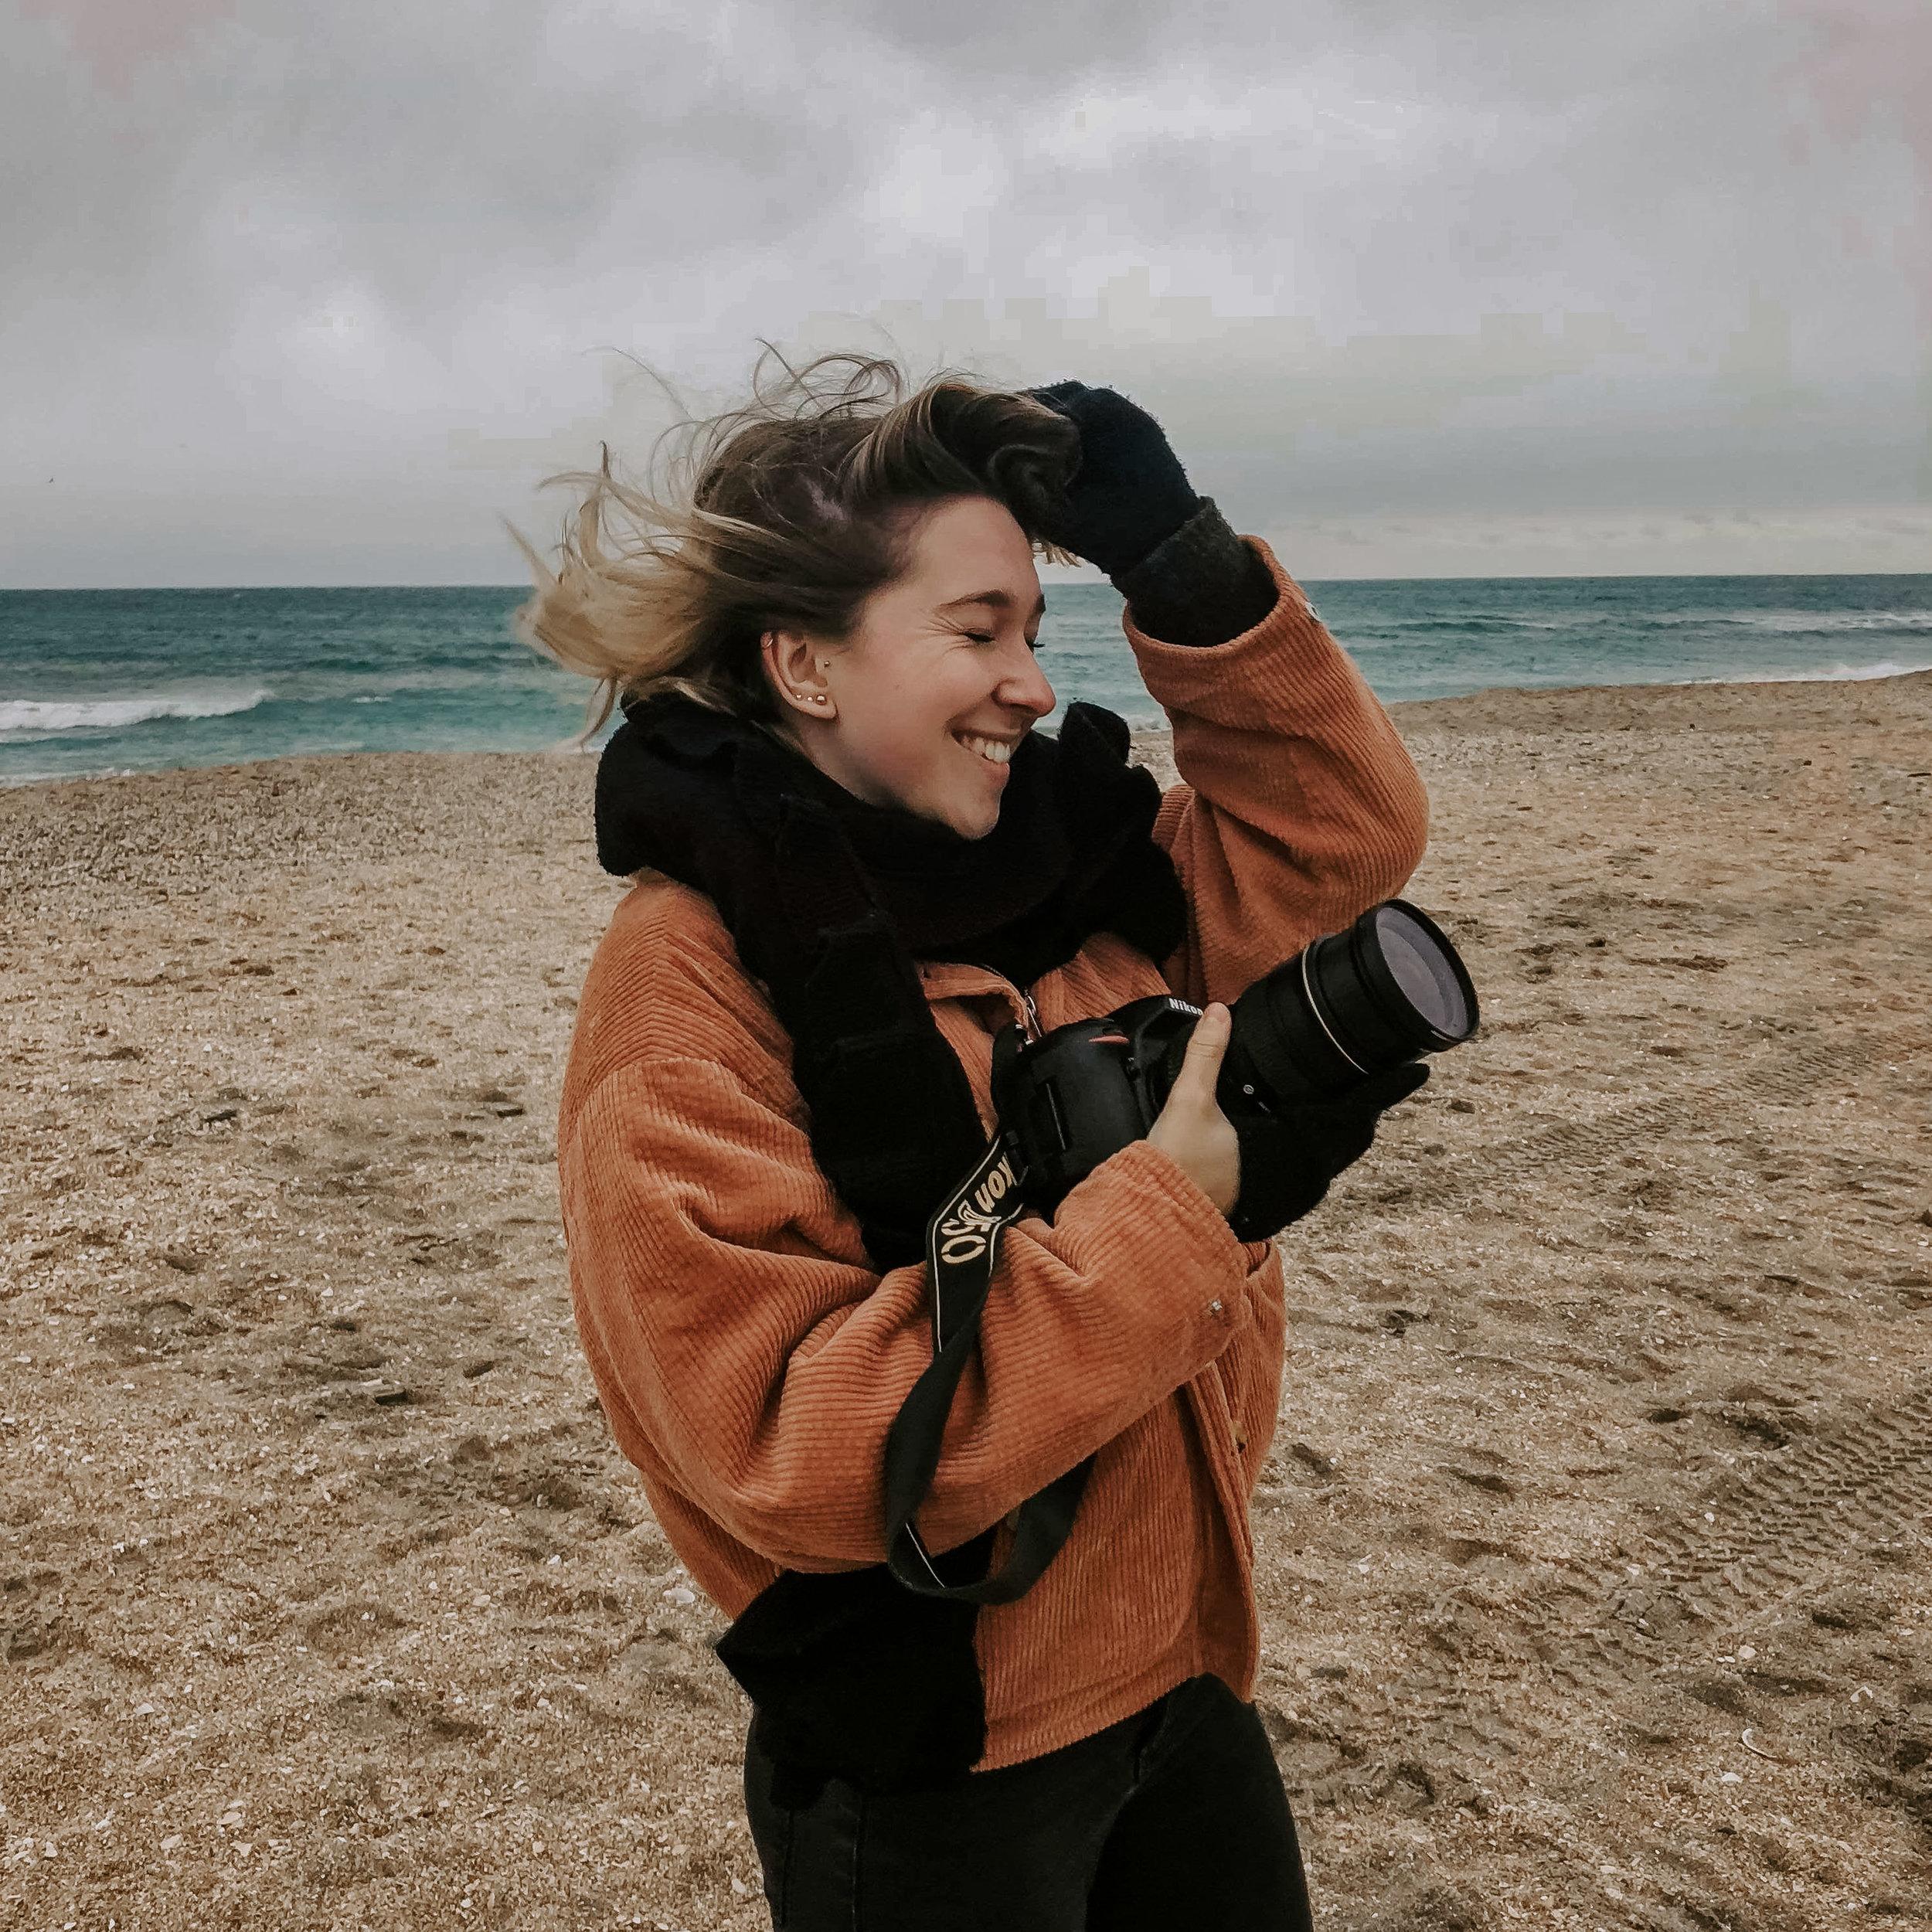 HEY ! - Moi c'est Lucile, photographe indépendante basée en Alsace. Ma passion pour la photographie est née quand on m'a offert mon premier appareil photo ça a été un vrai déclic pour moi. Il est devenu mon troisième oeil, une partie de moi que je ne peux plus lacher…